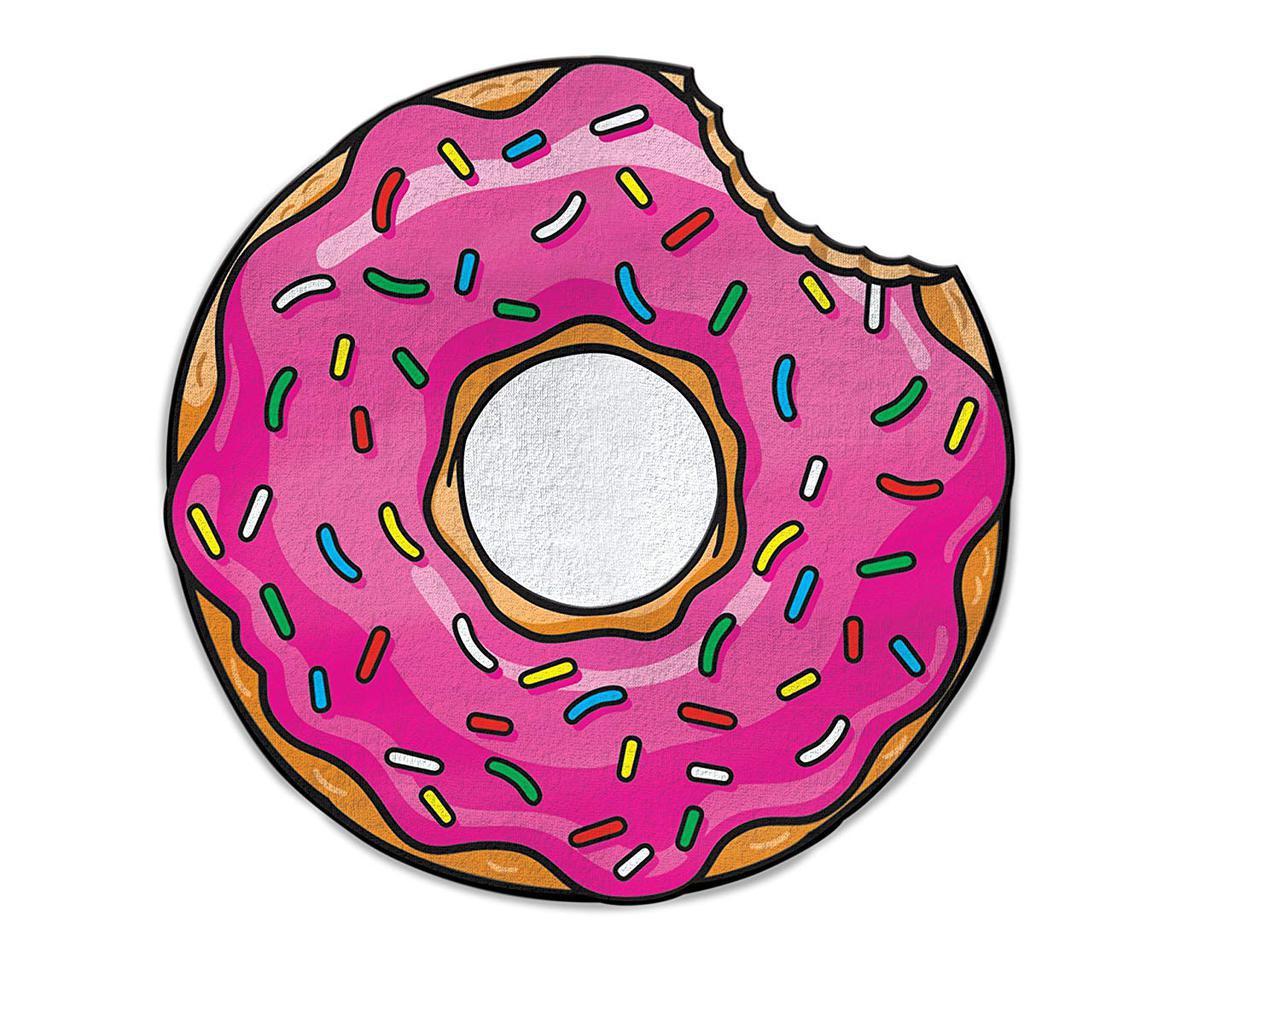 Картинки приколы, смешные картинки пончик